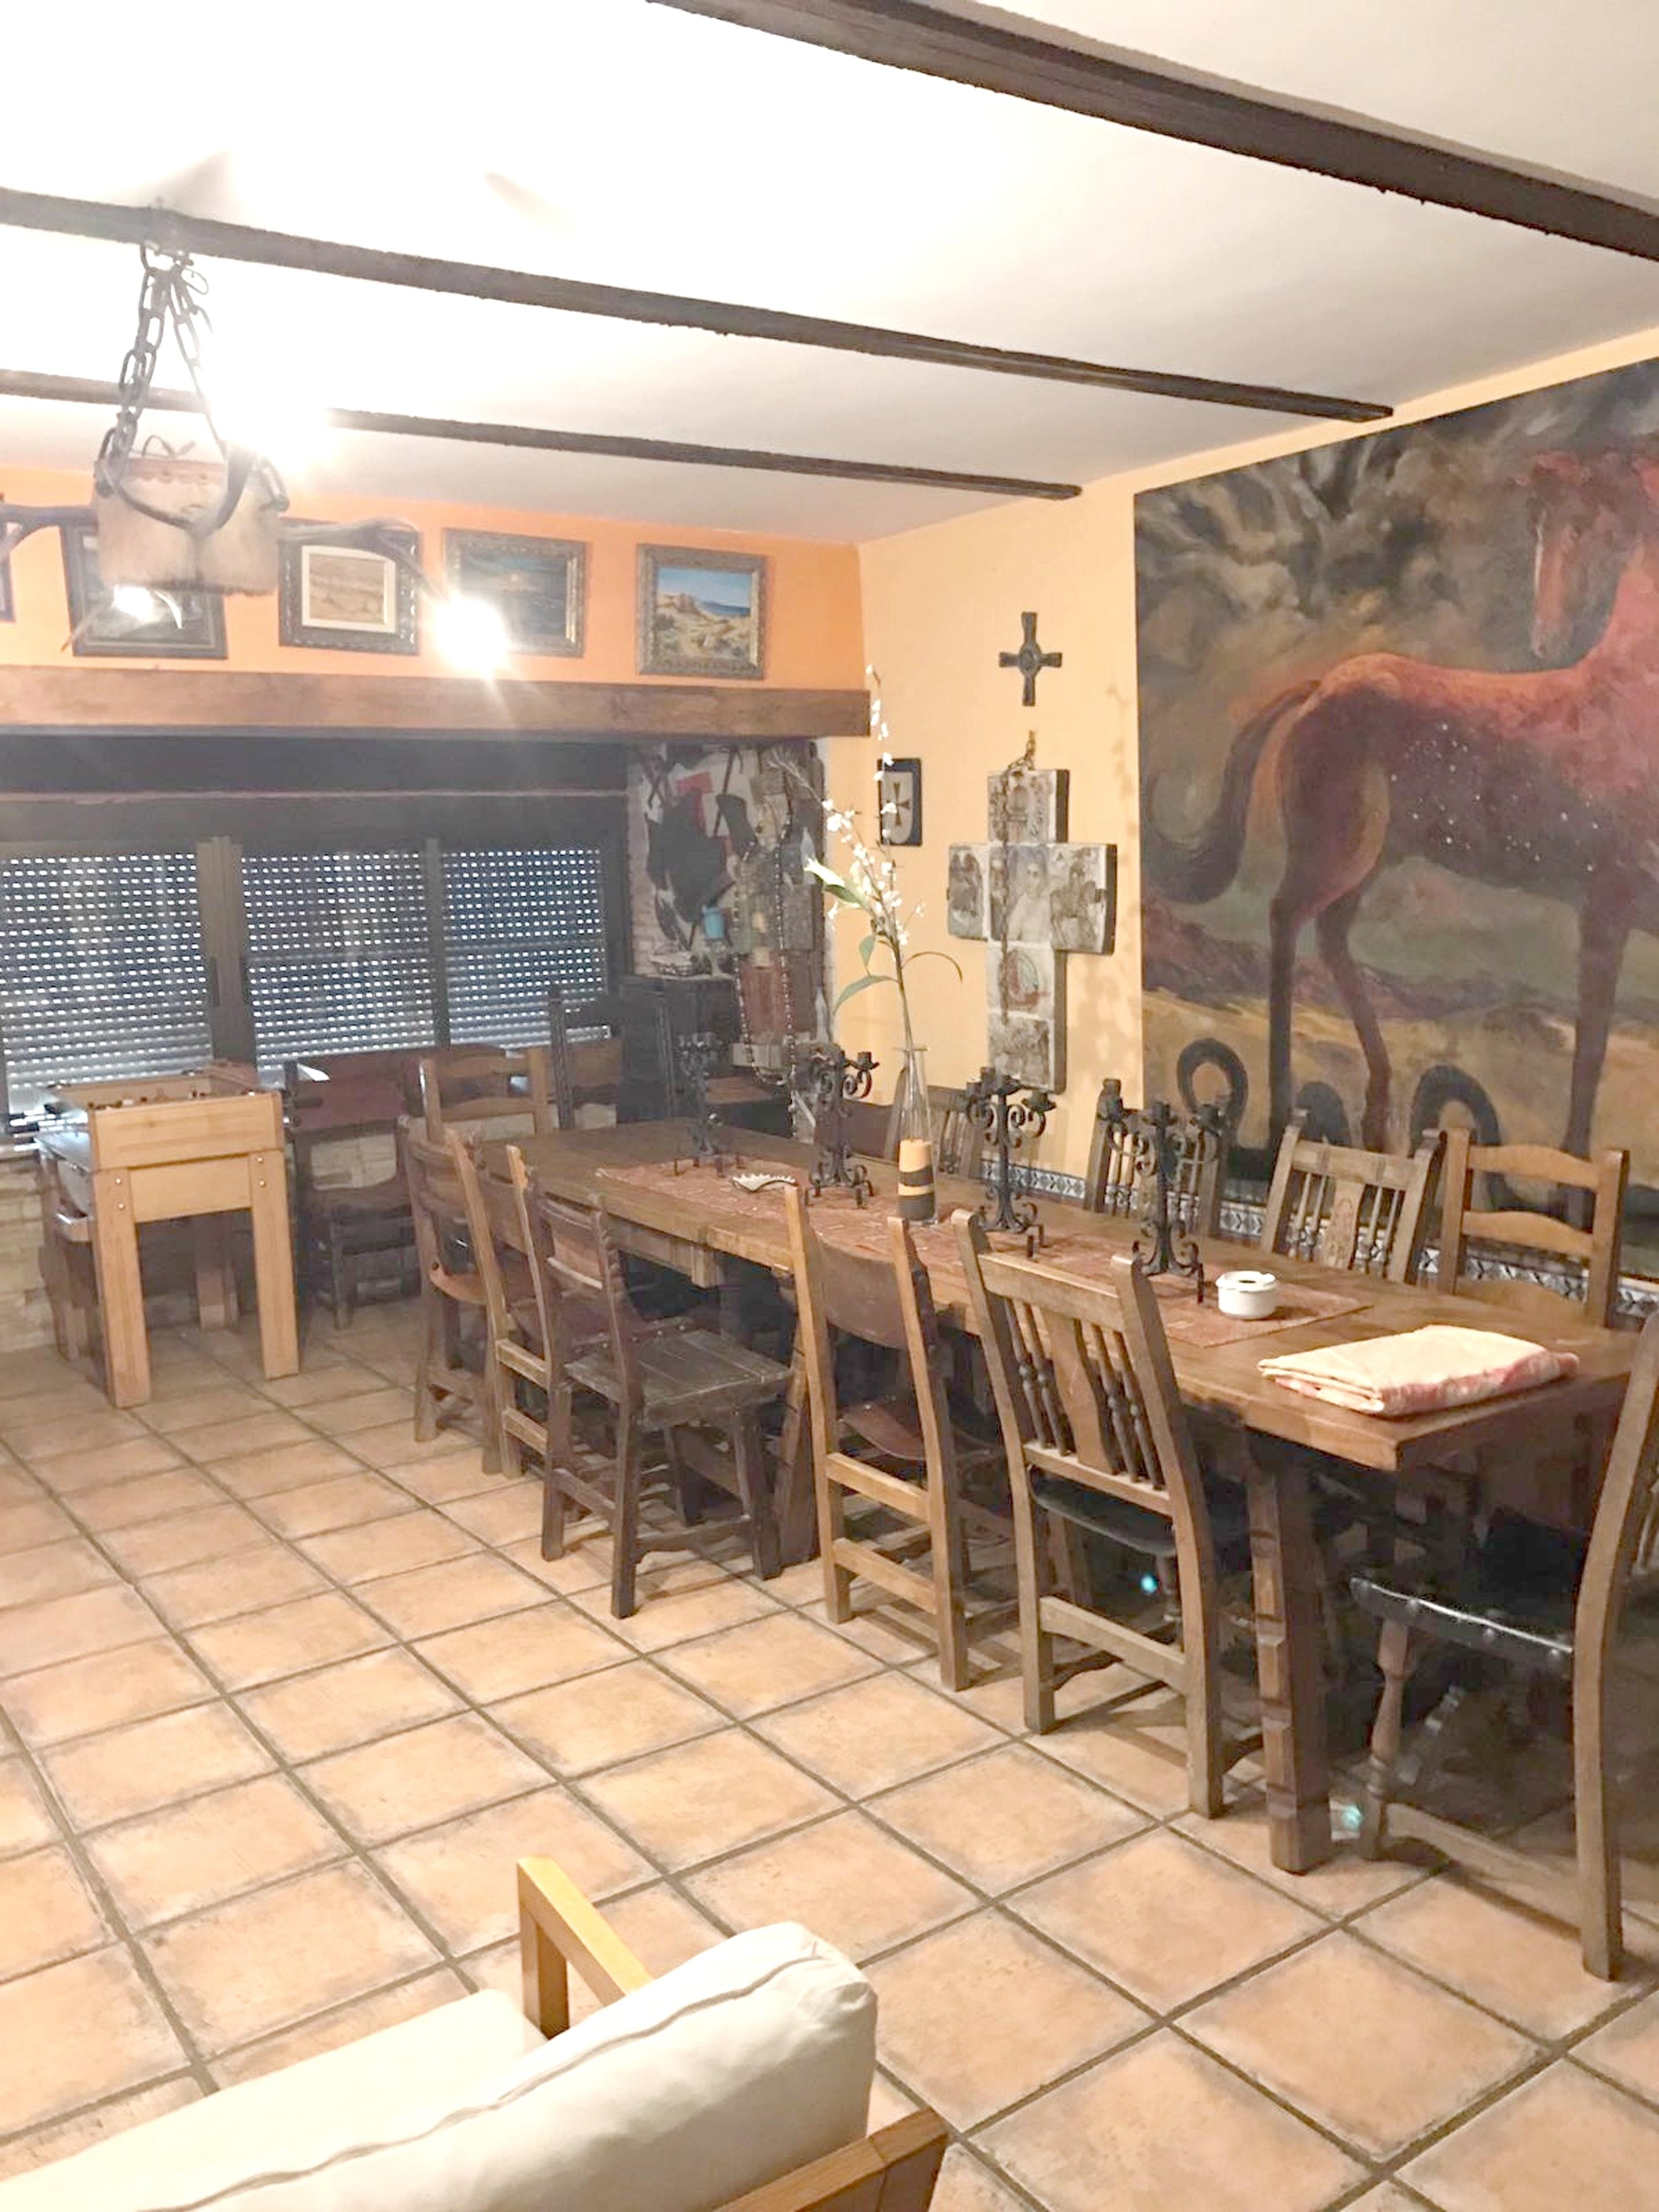 Ferienhaus Haus mit 7 Schlafzimmern in Burguillos de Toledo mit privatem Pool und eingezäuntem Garten (2299203), Burguillos de Toledo, Toledo, Kastilien-La Mancha, Spanien, Bild 6